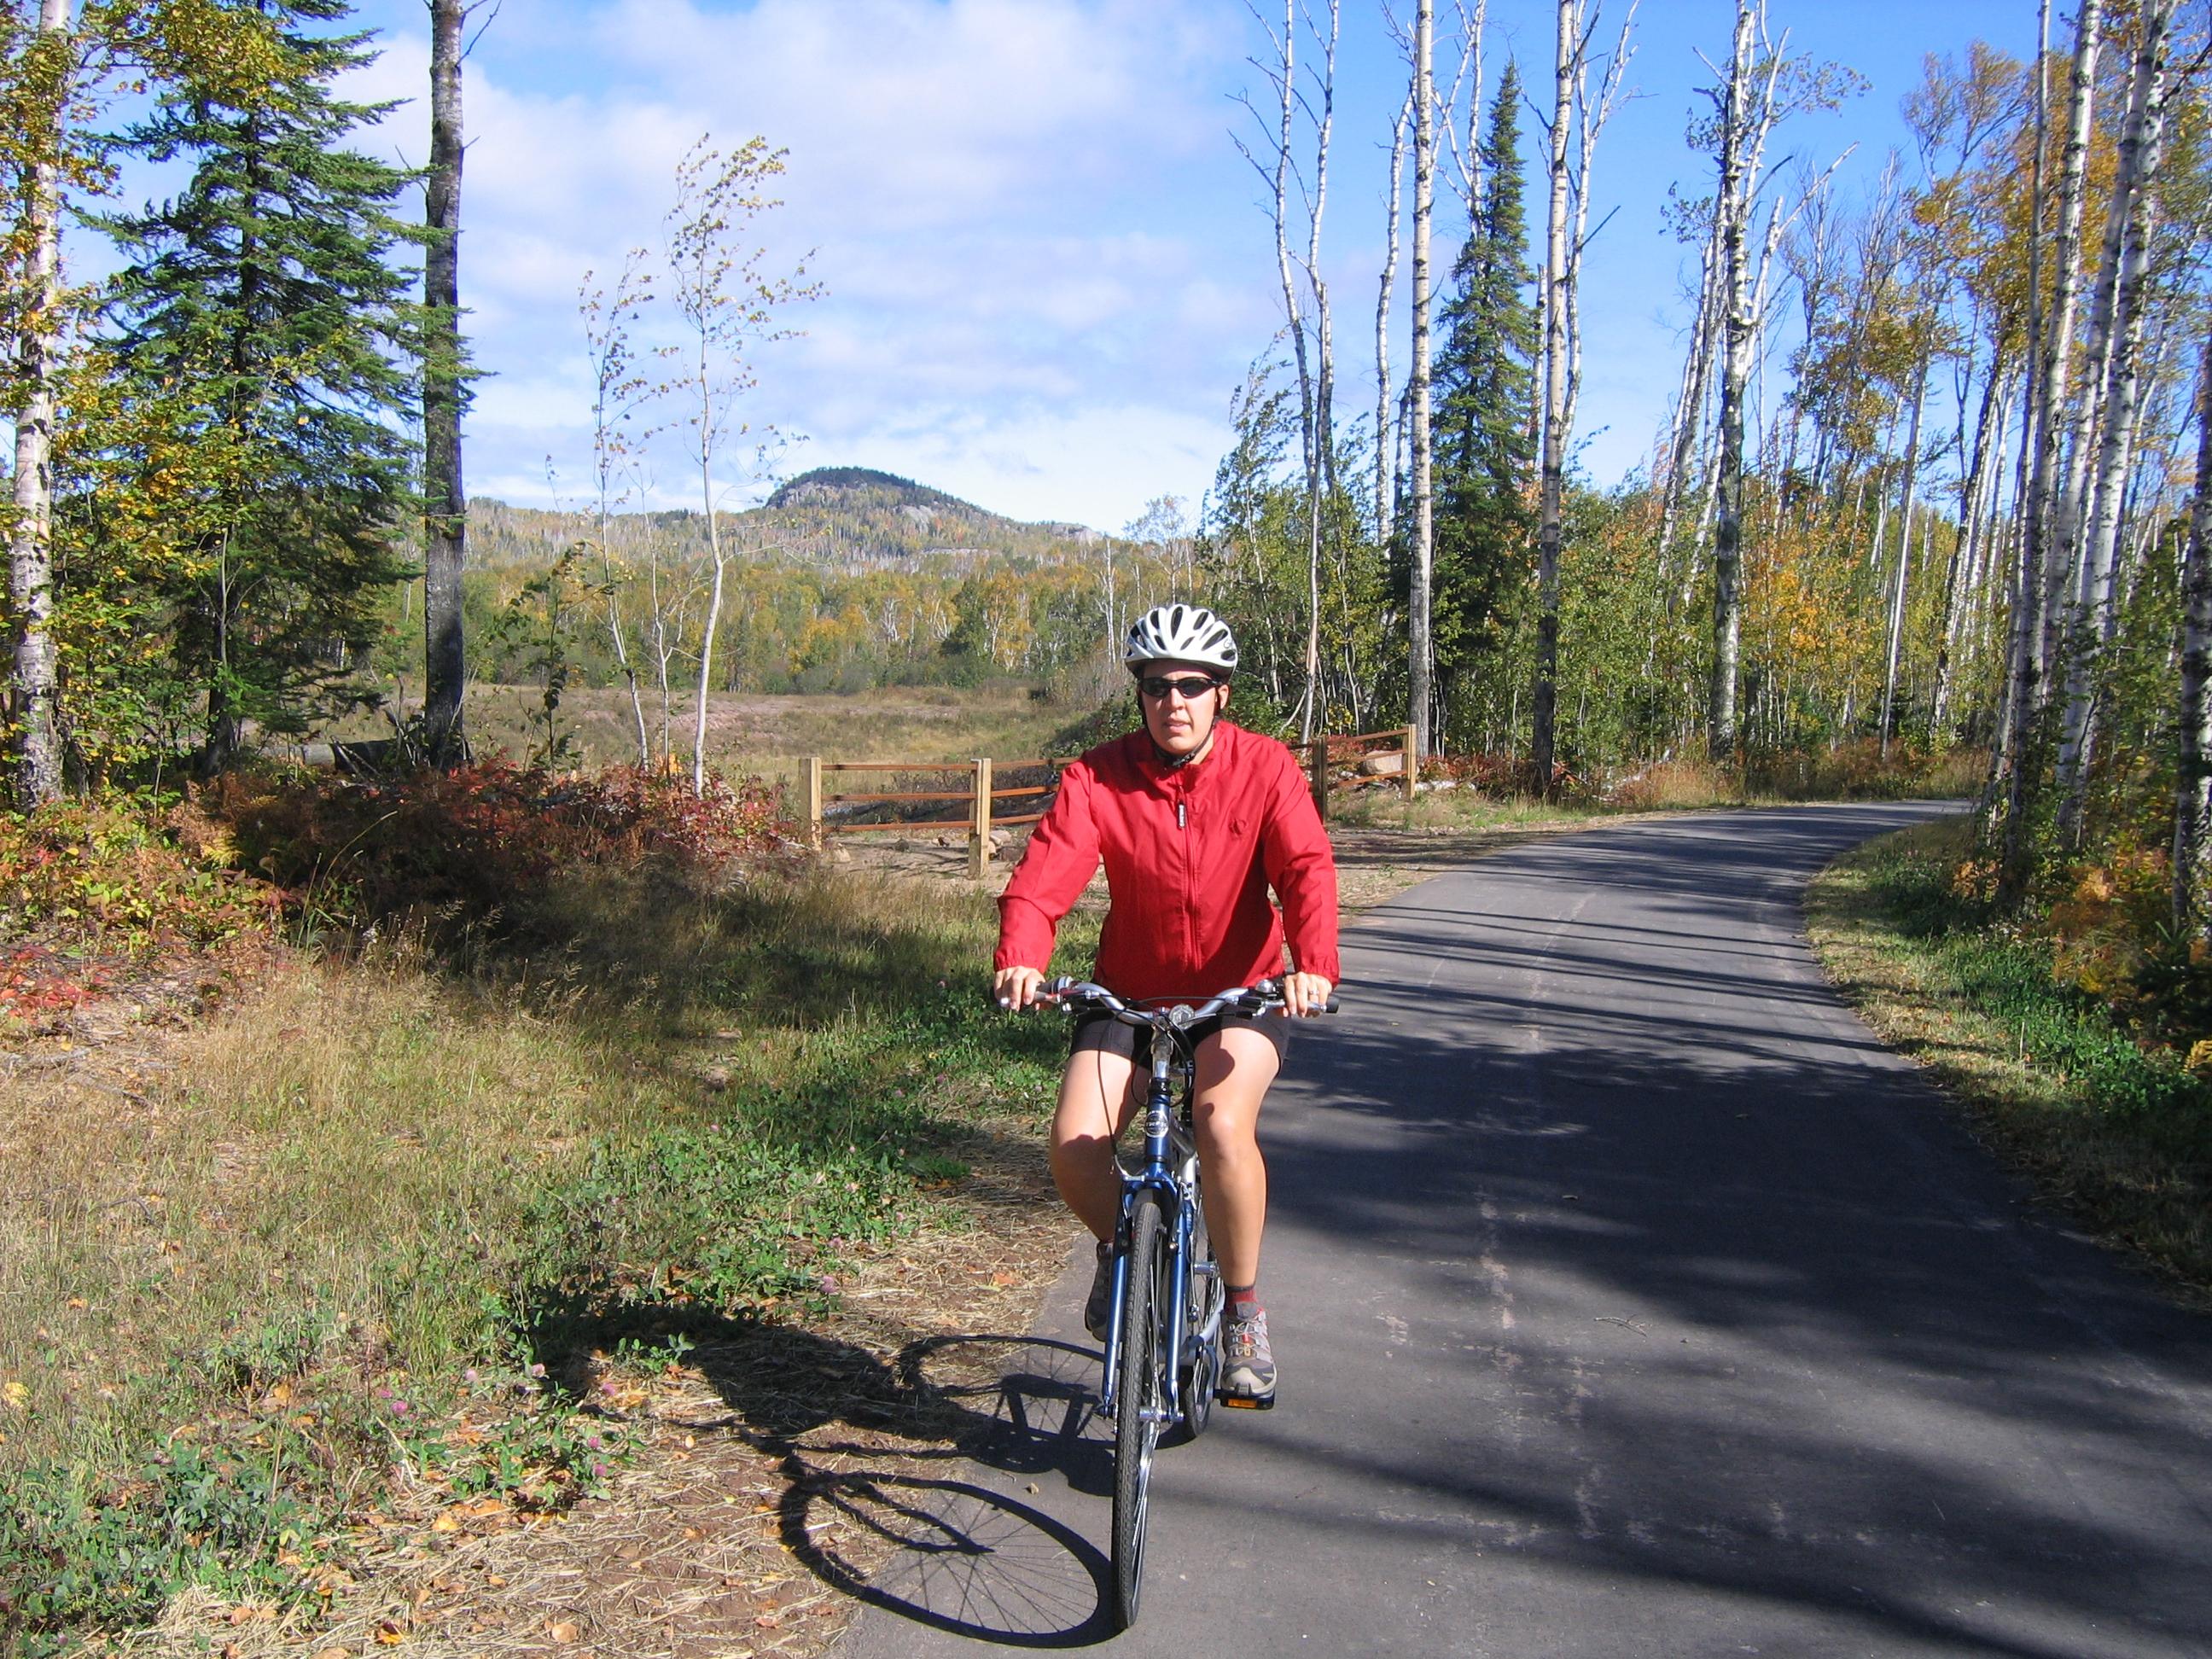 Biking rentals